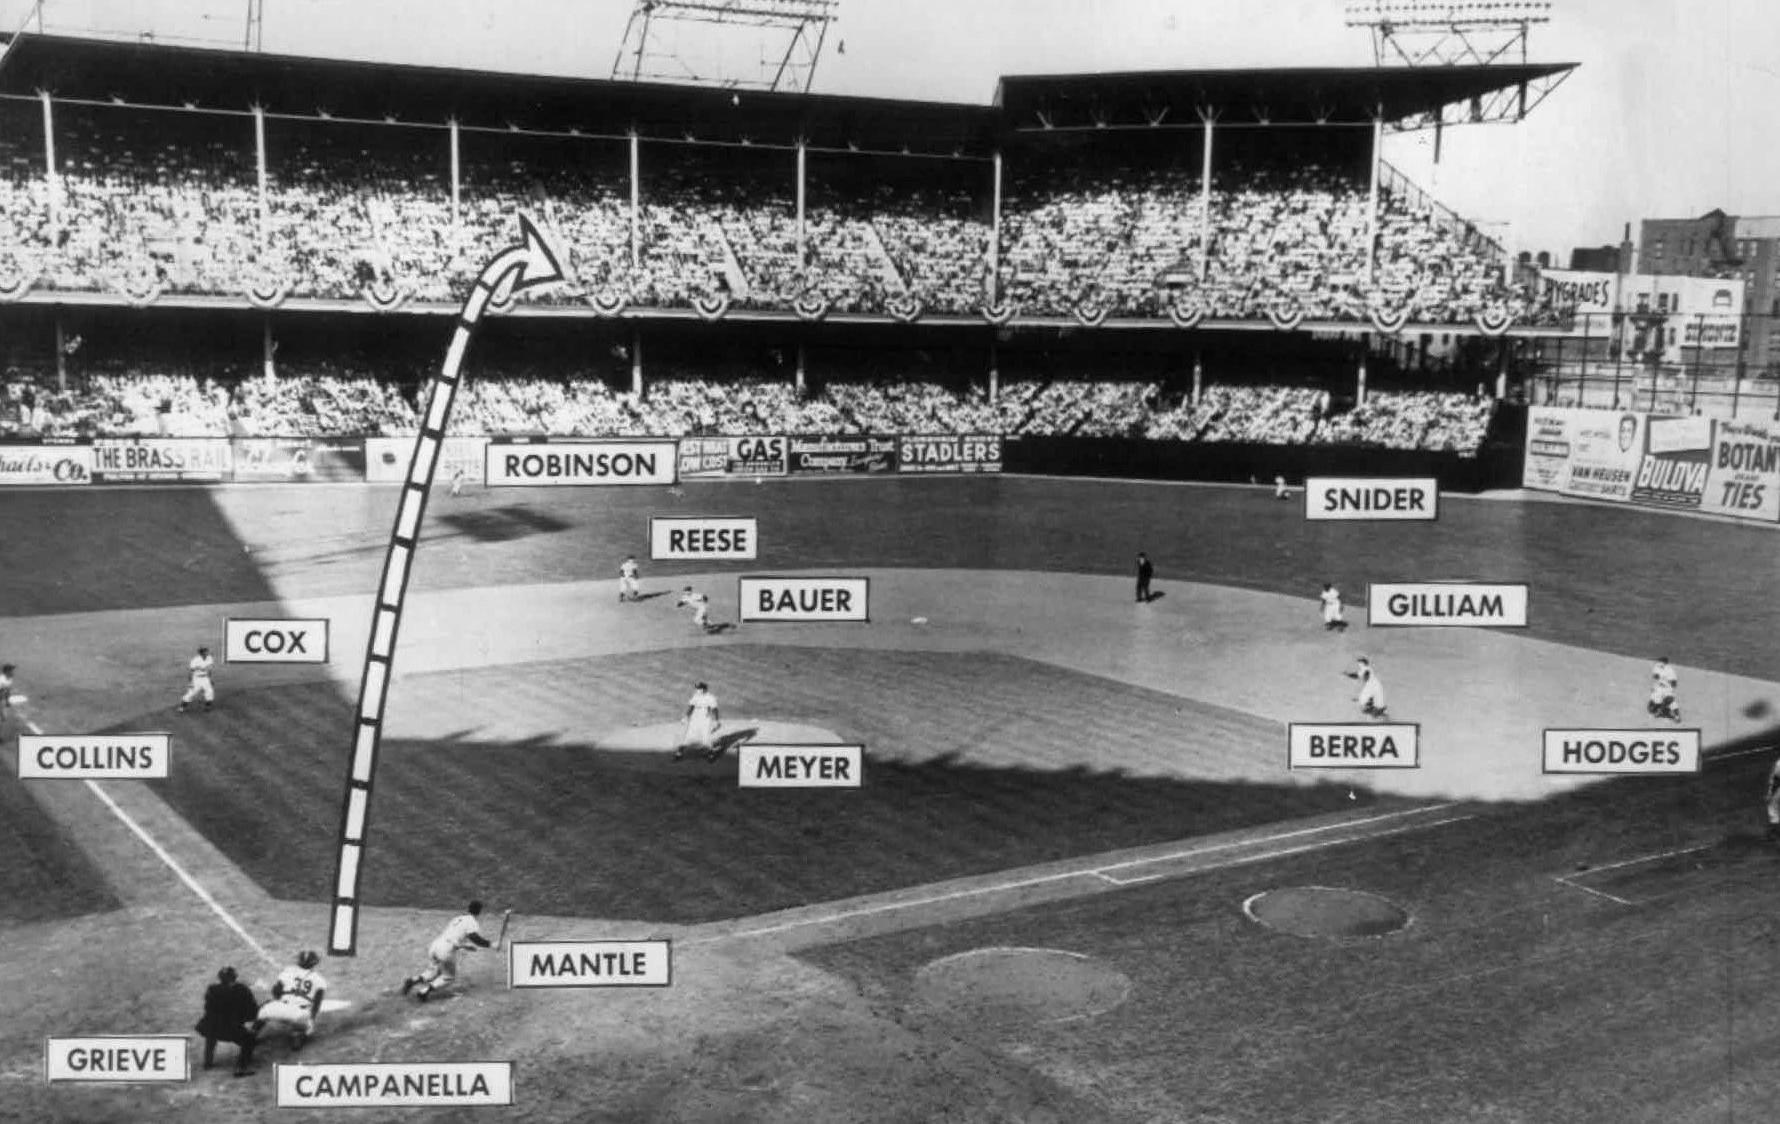 1953 World Series Wikipedia